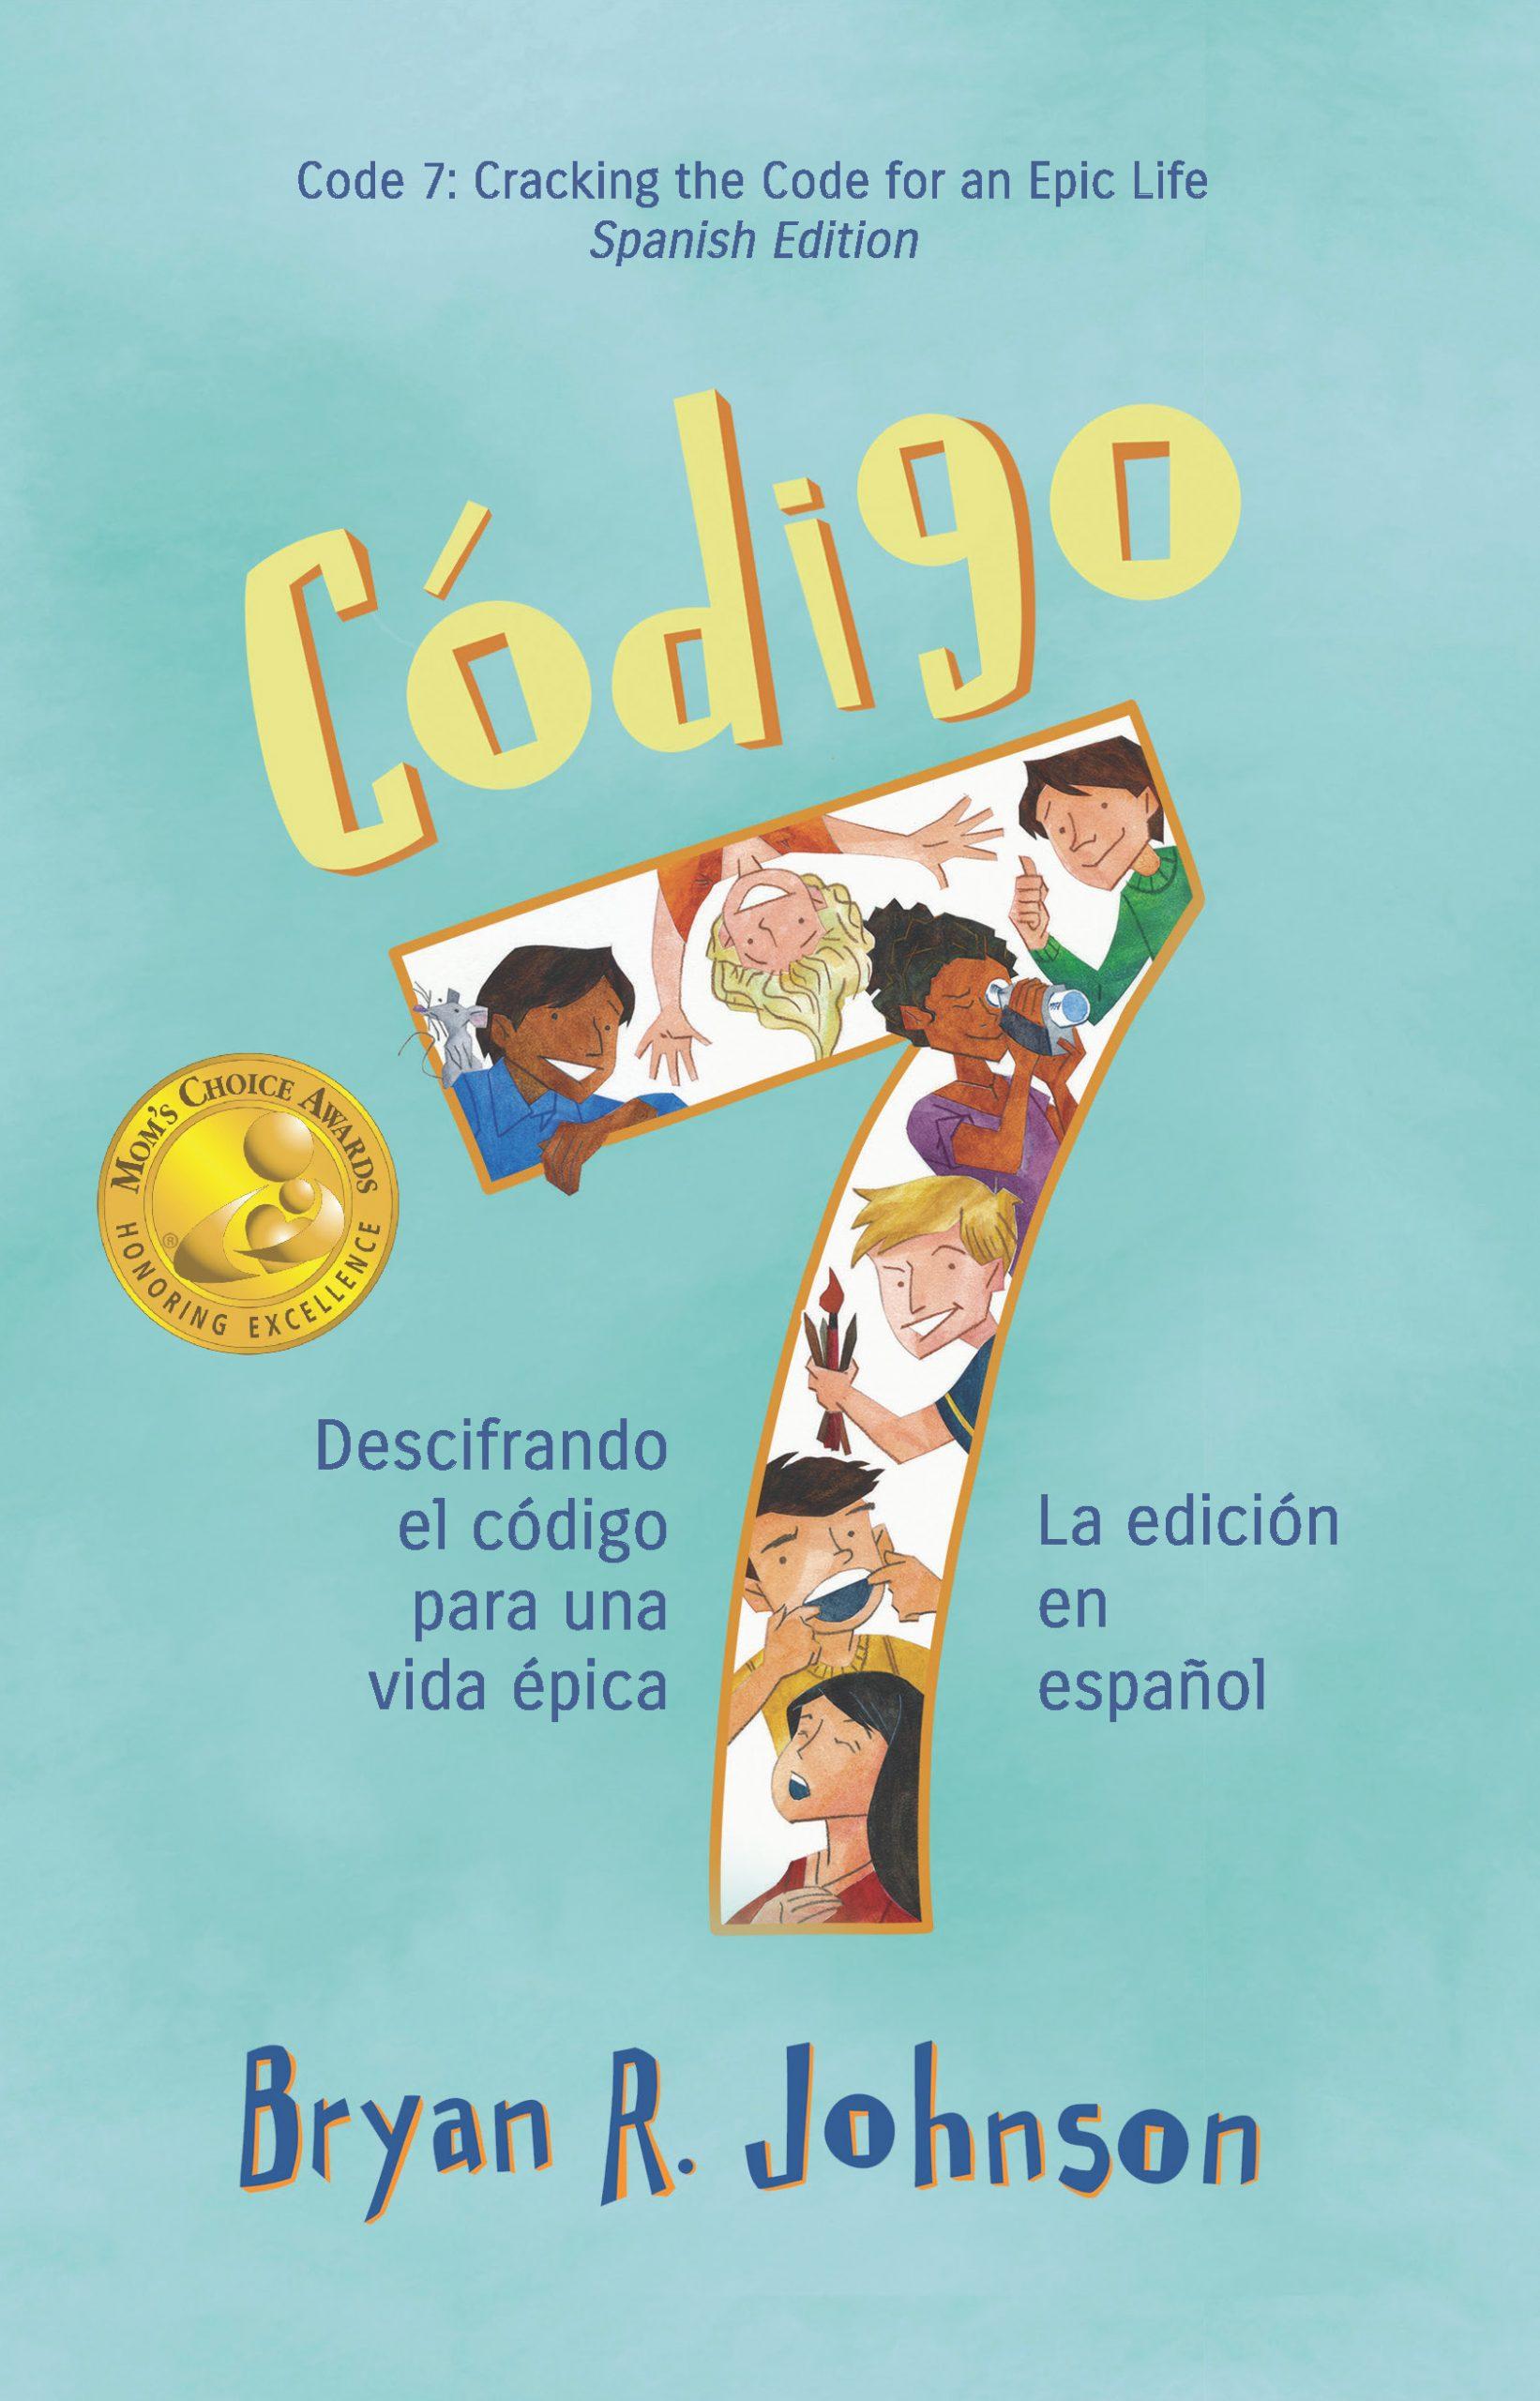 Codigo-7-Spanish-Only